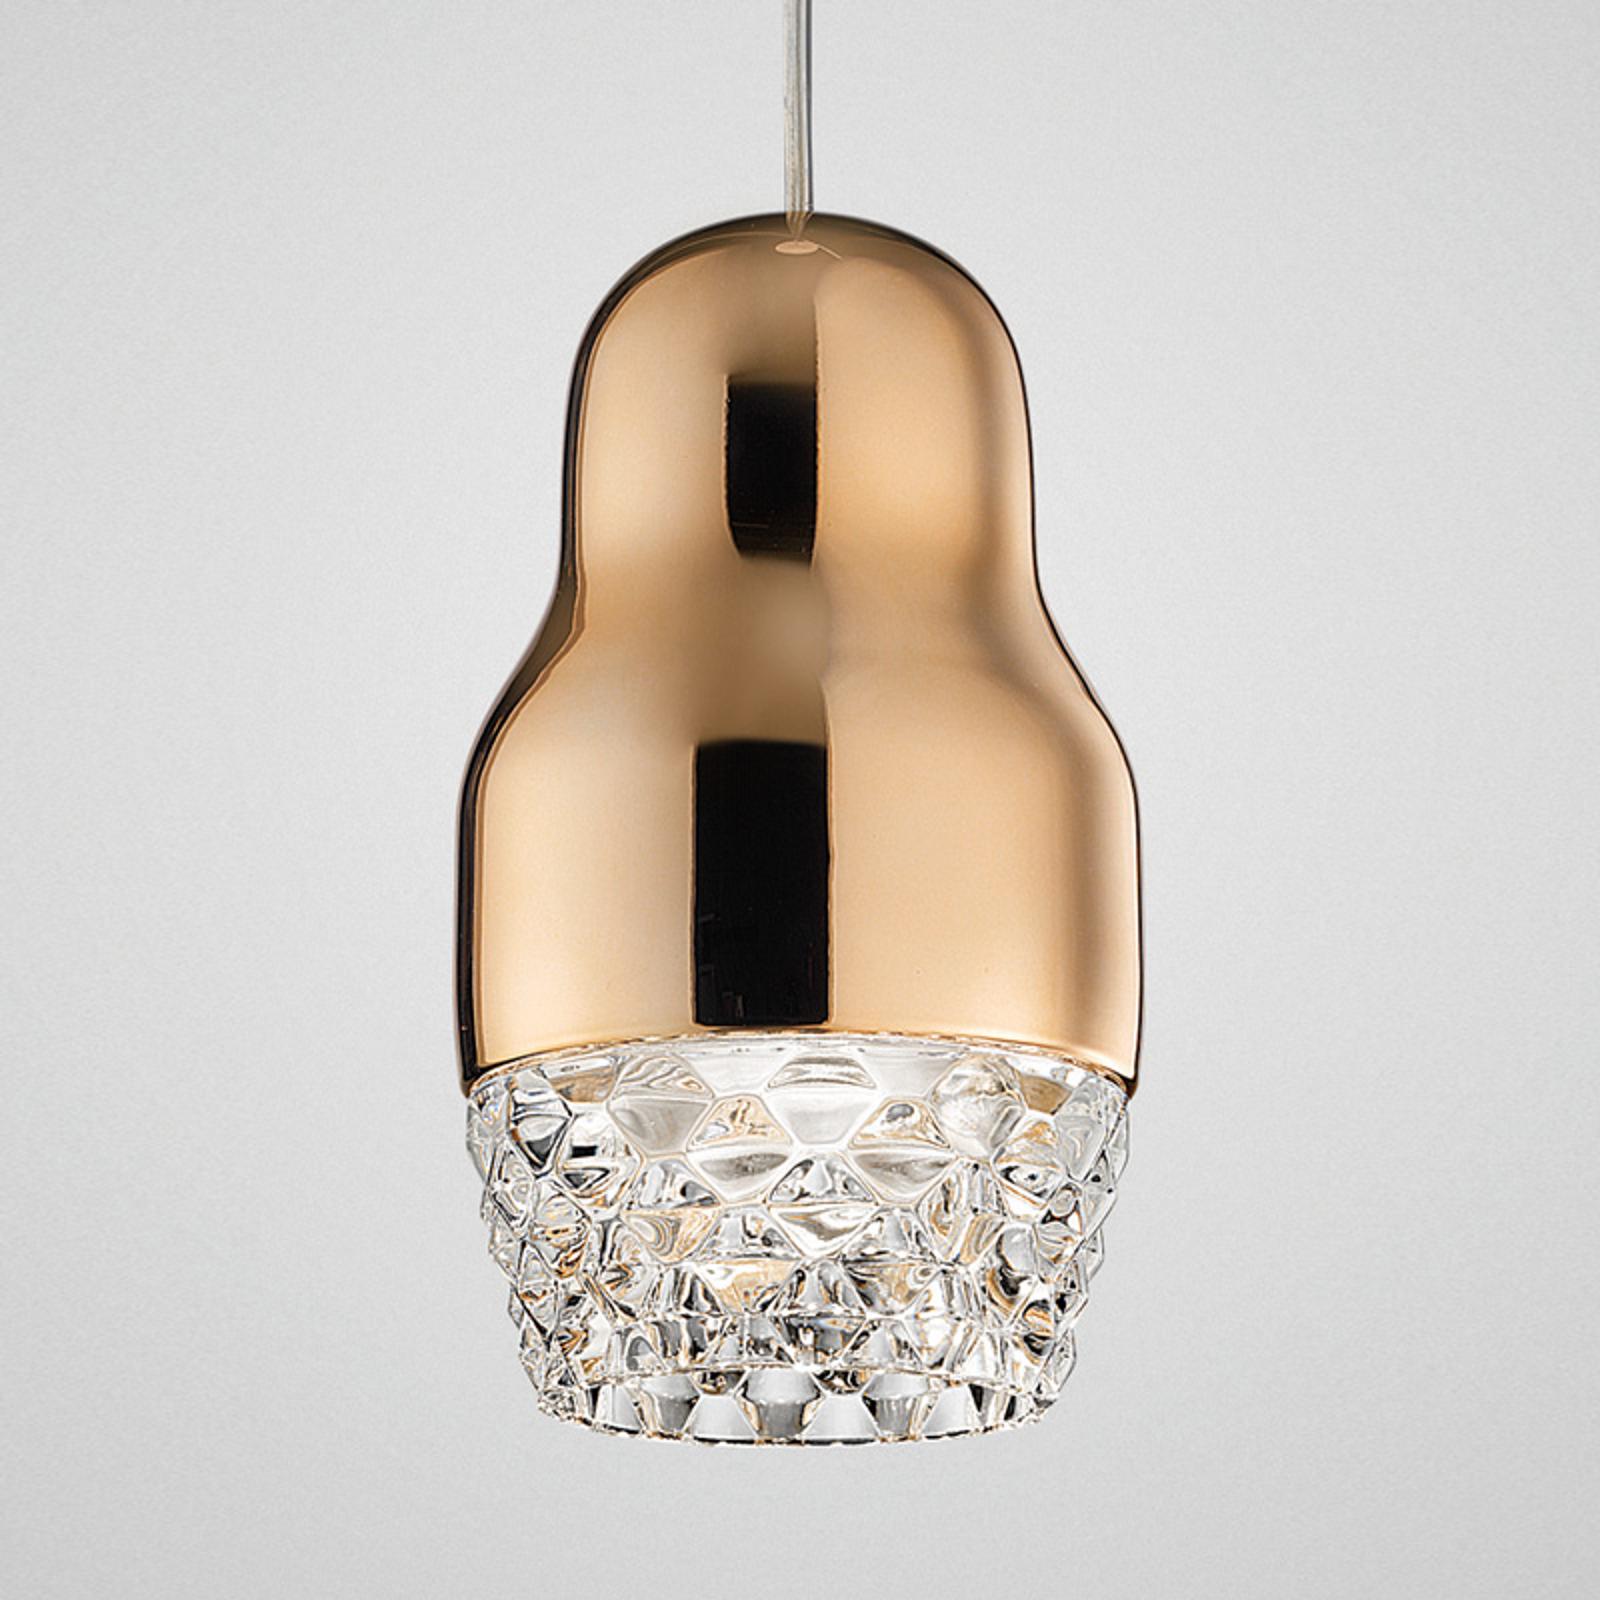 Lampada a sospensione LED a una luce oro rosato